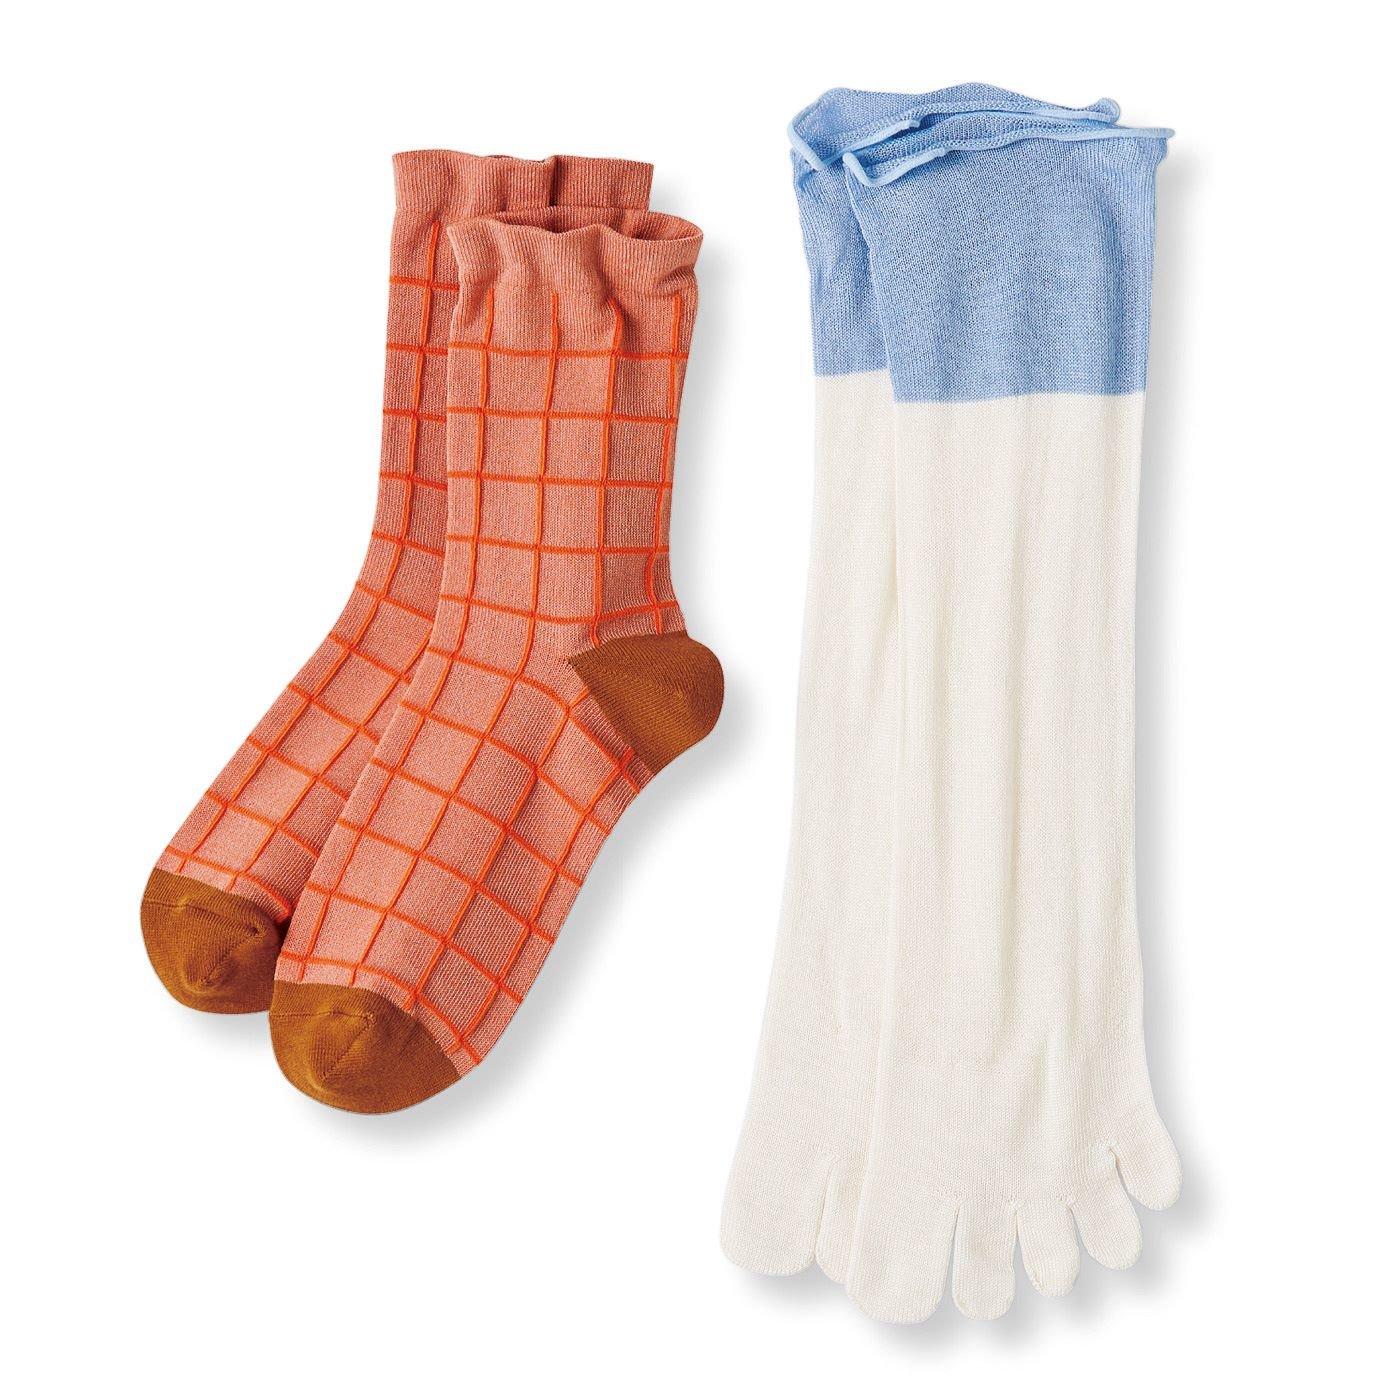 テキスタイルデザイナー 伊藤尚美さんと作った 合わせて楽しむ冷えとり習慣 シルク5本指と綿混靴下セット